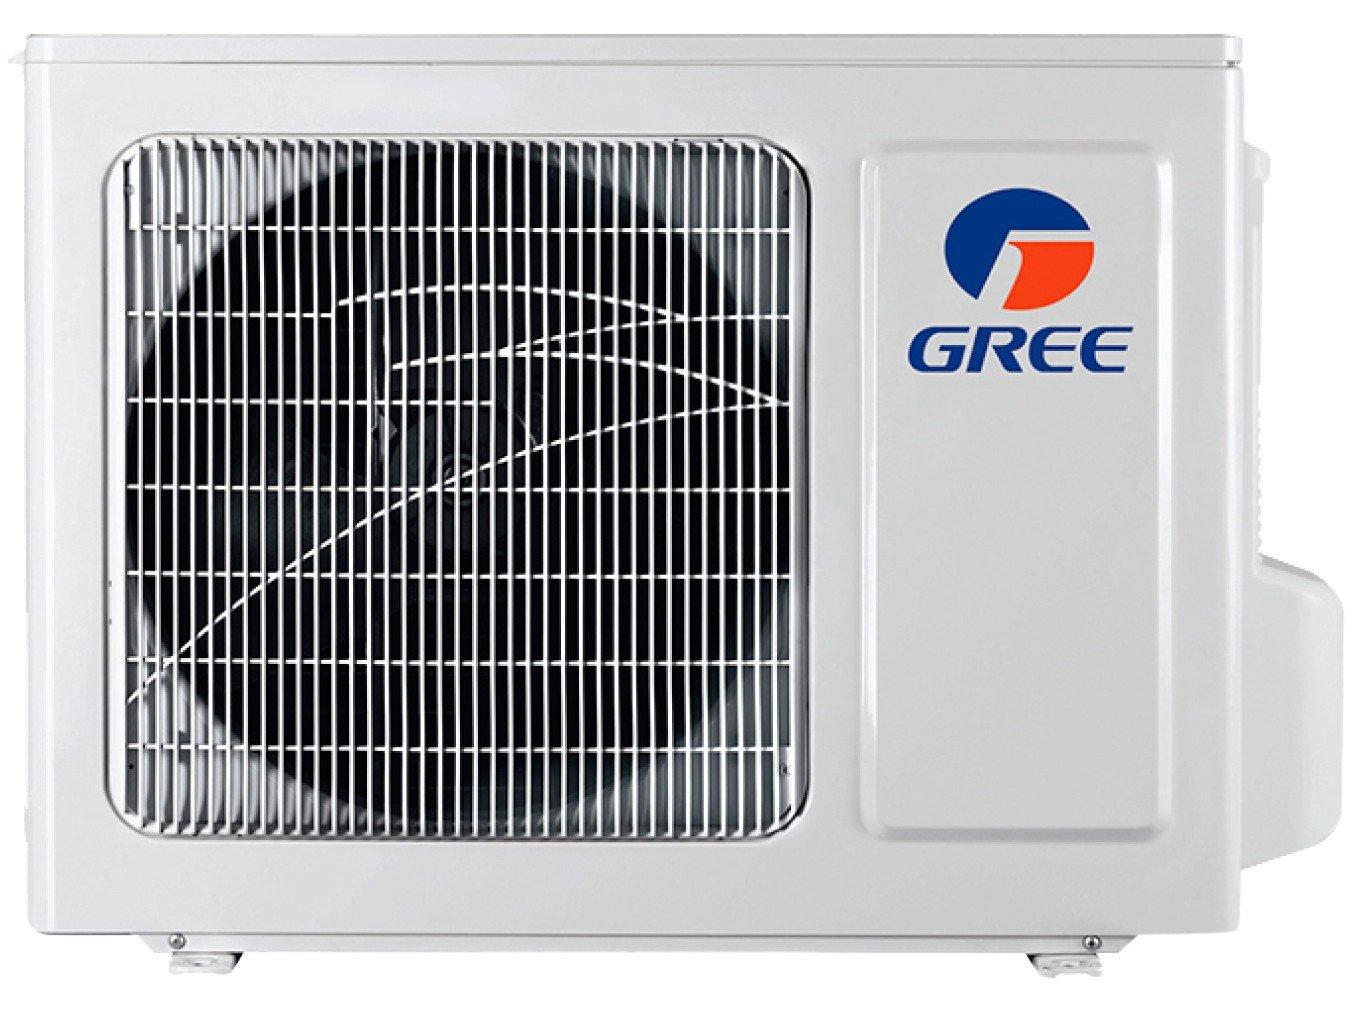 Foto 4 - Ar-condicionado Split Gree Inverter 24.000 BTUs - Frio Hi-wall Eco Garden GWC24QED3DNB8MI